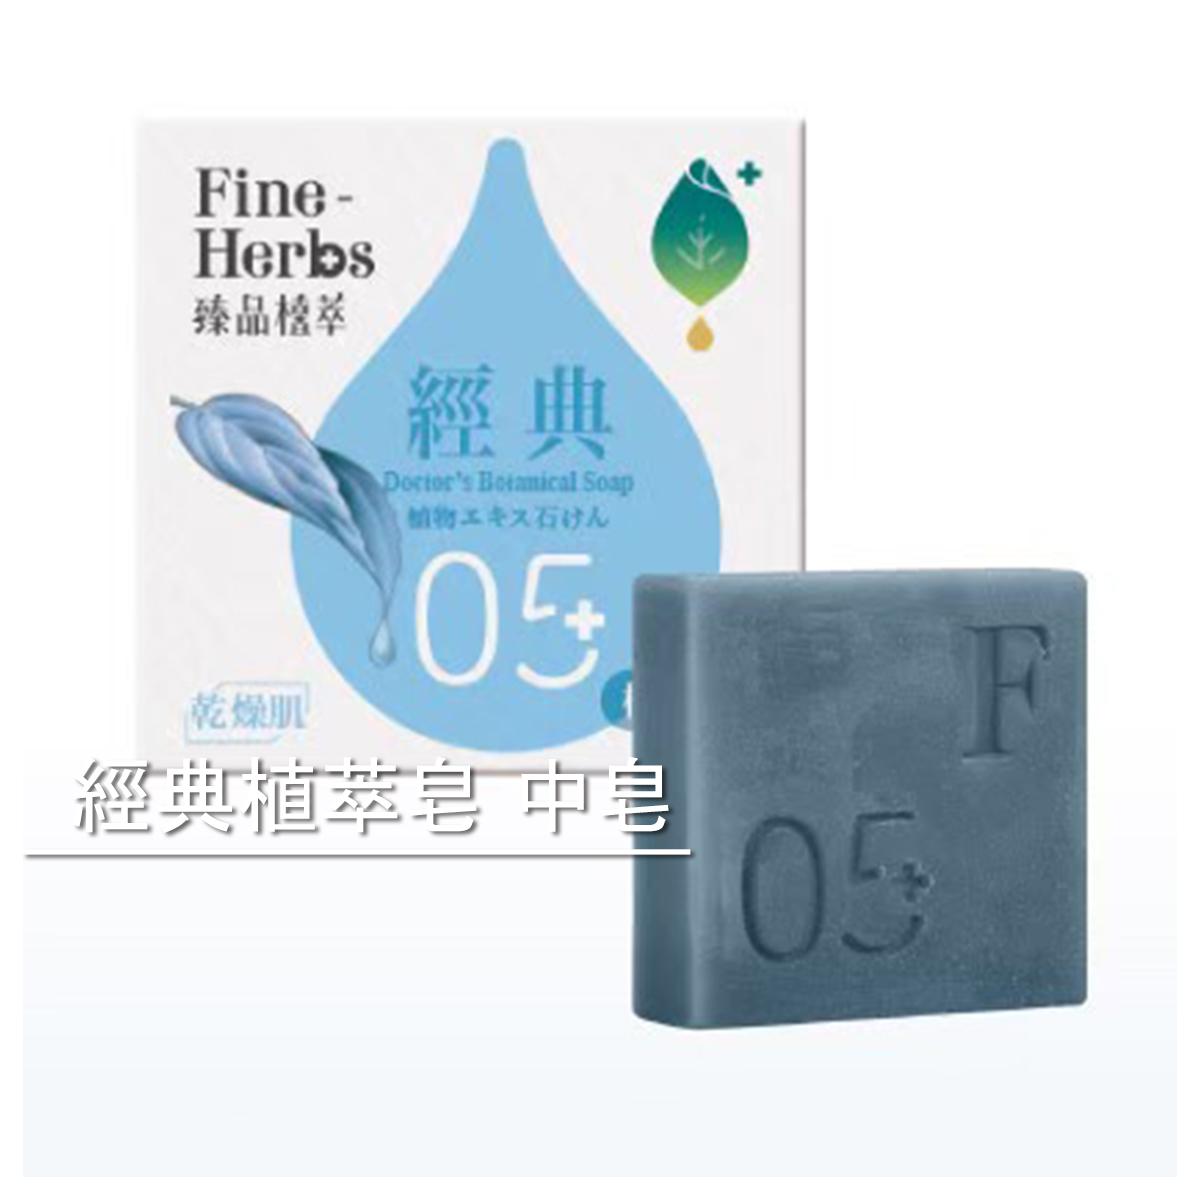 【臻品植萃】經典植萃皂 65g/中皂